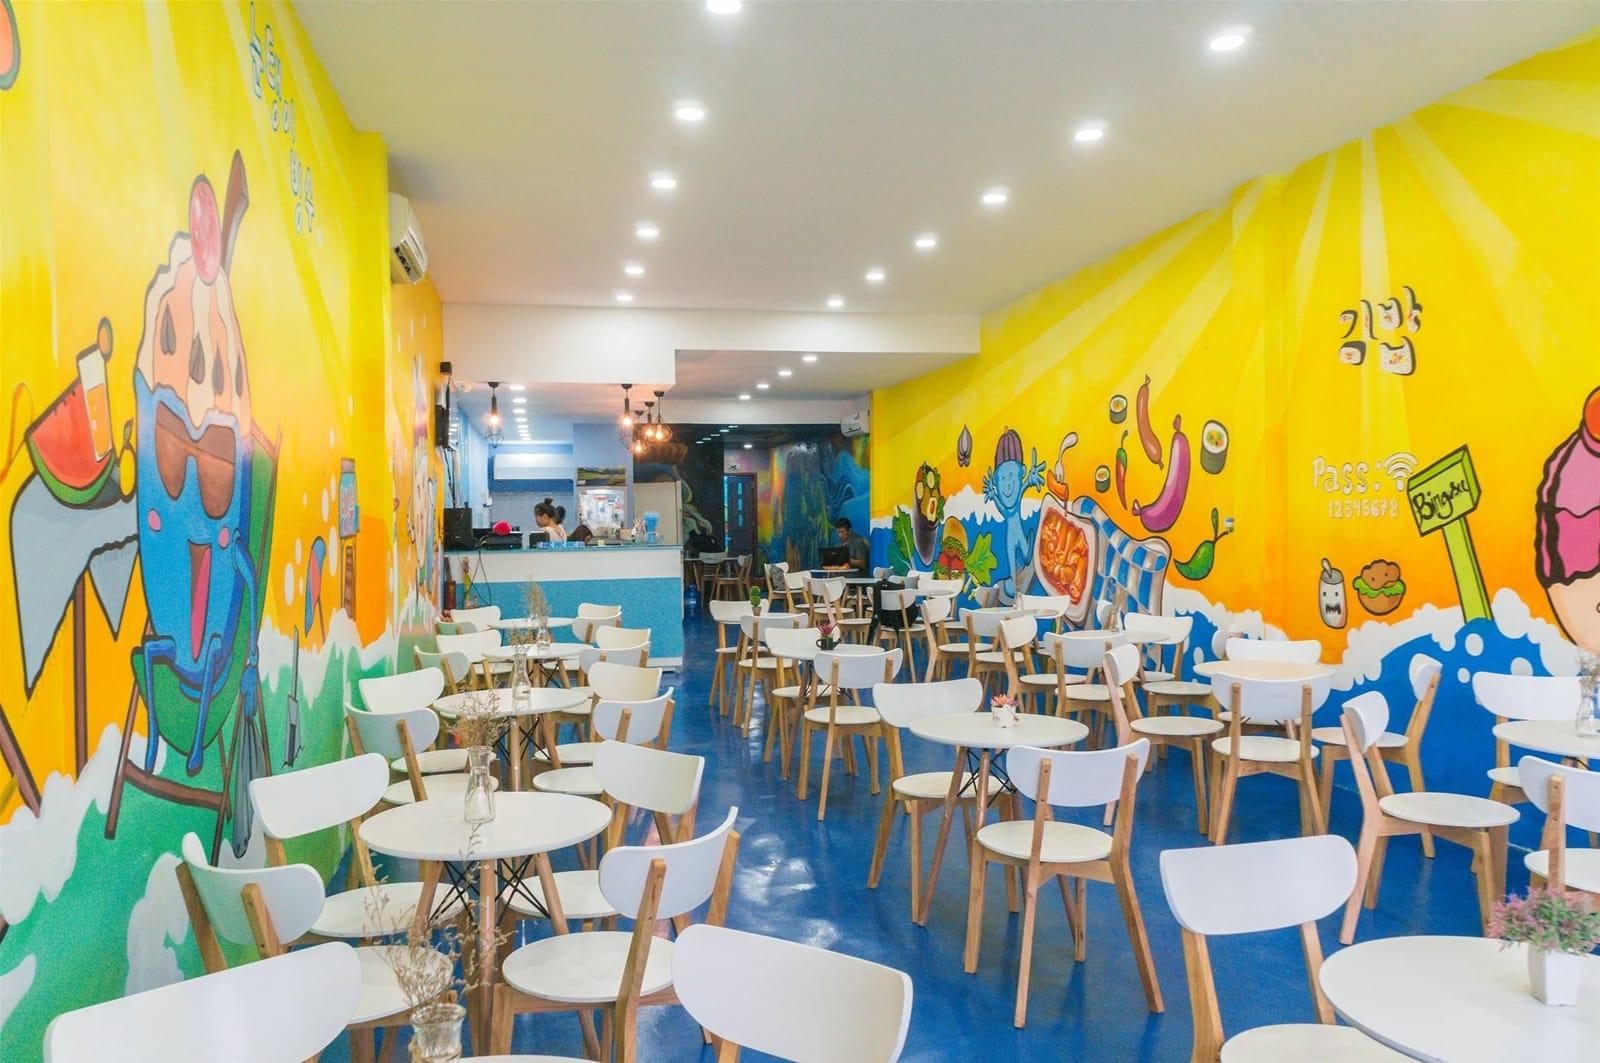 dn-8-quan-cafe-background-ton-sur-ton-don-tim-cac-tin-do-song-ao-29